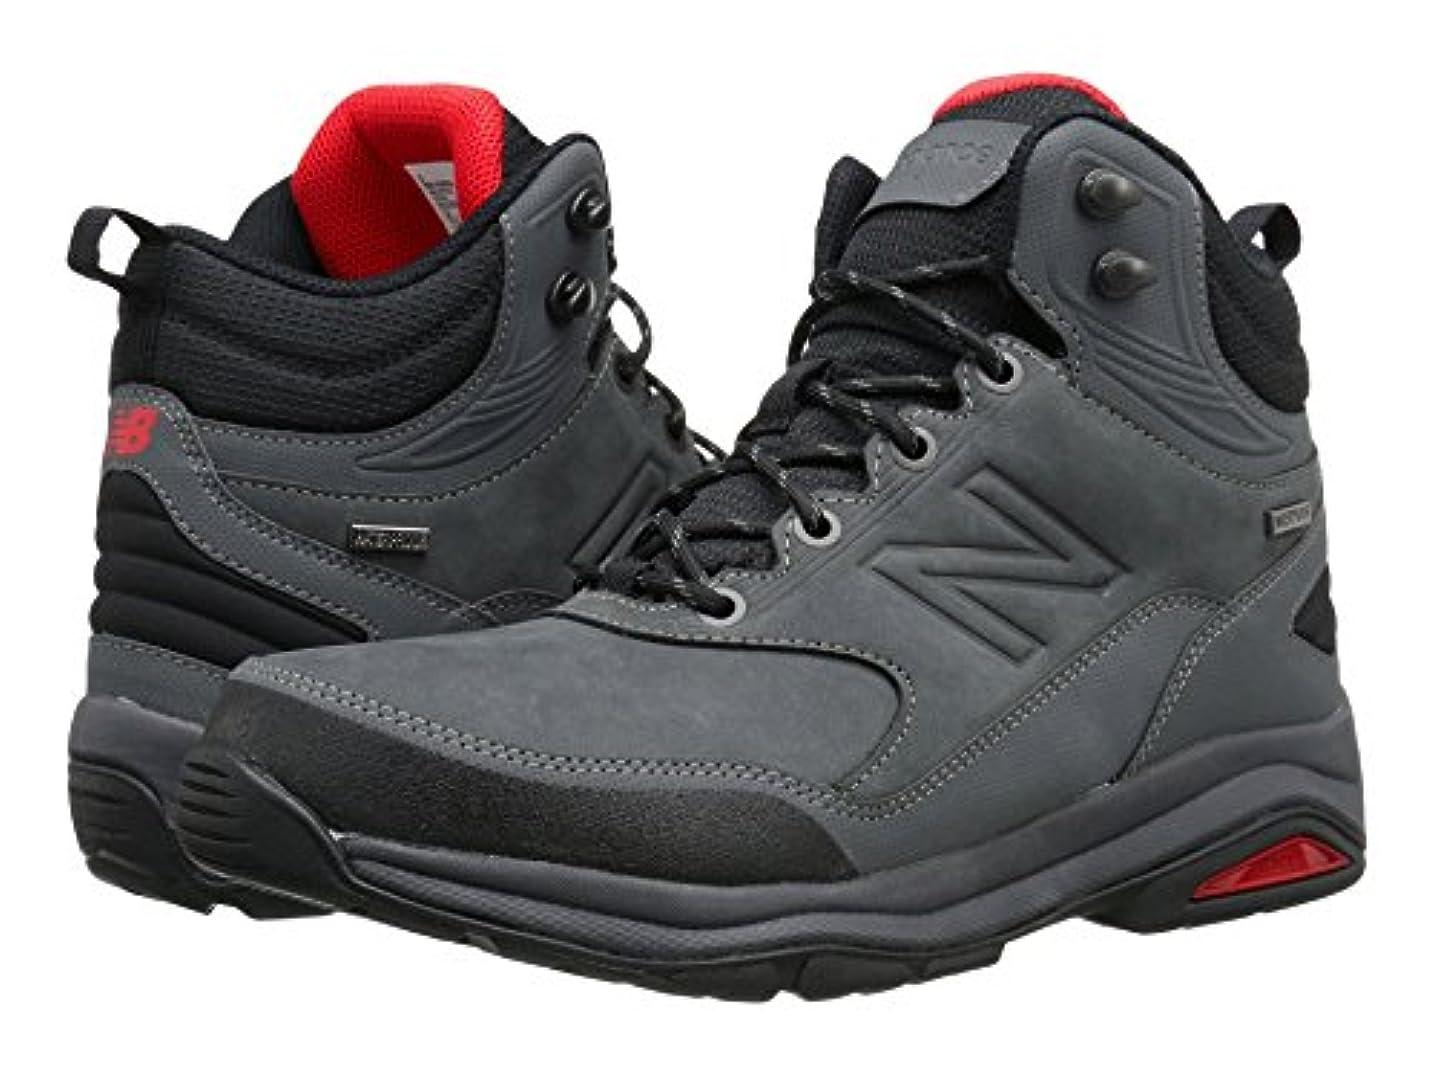 本体軽蔑する手入れ(ニューバランス) New Balance メンズブーツ?靴 MW1400v1 Grey 7 (25cm) EE - Wide